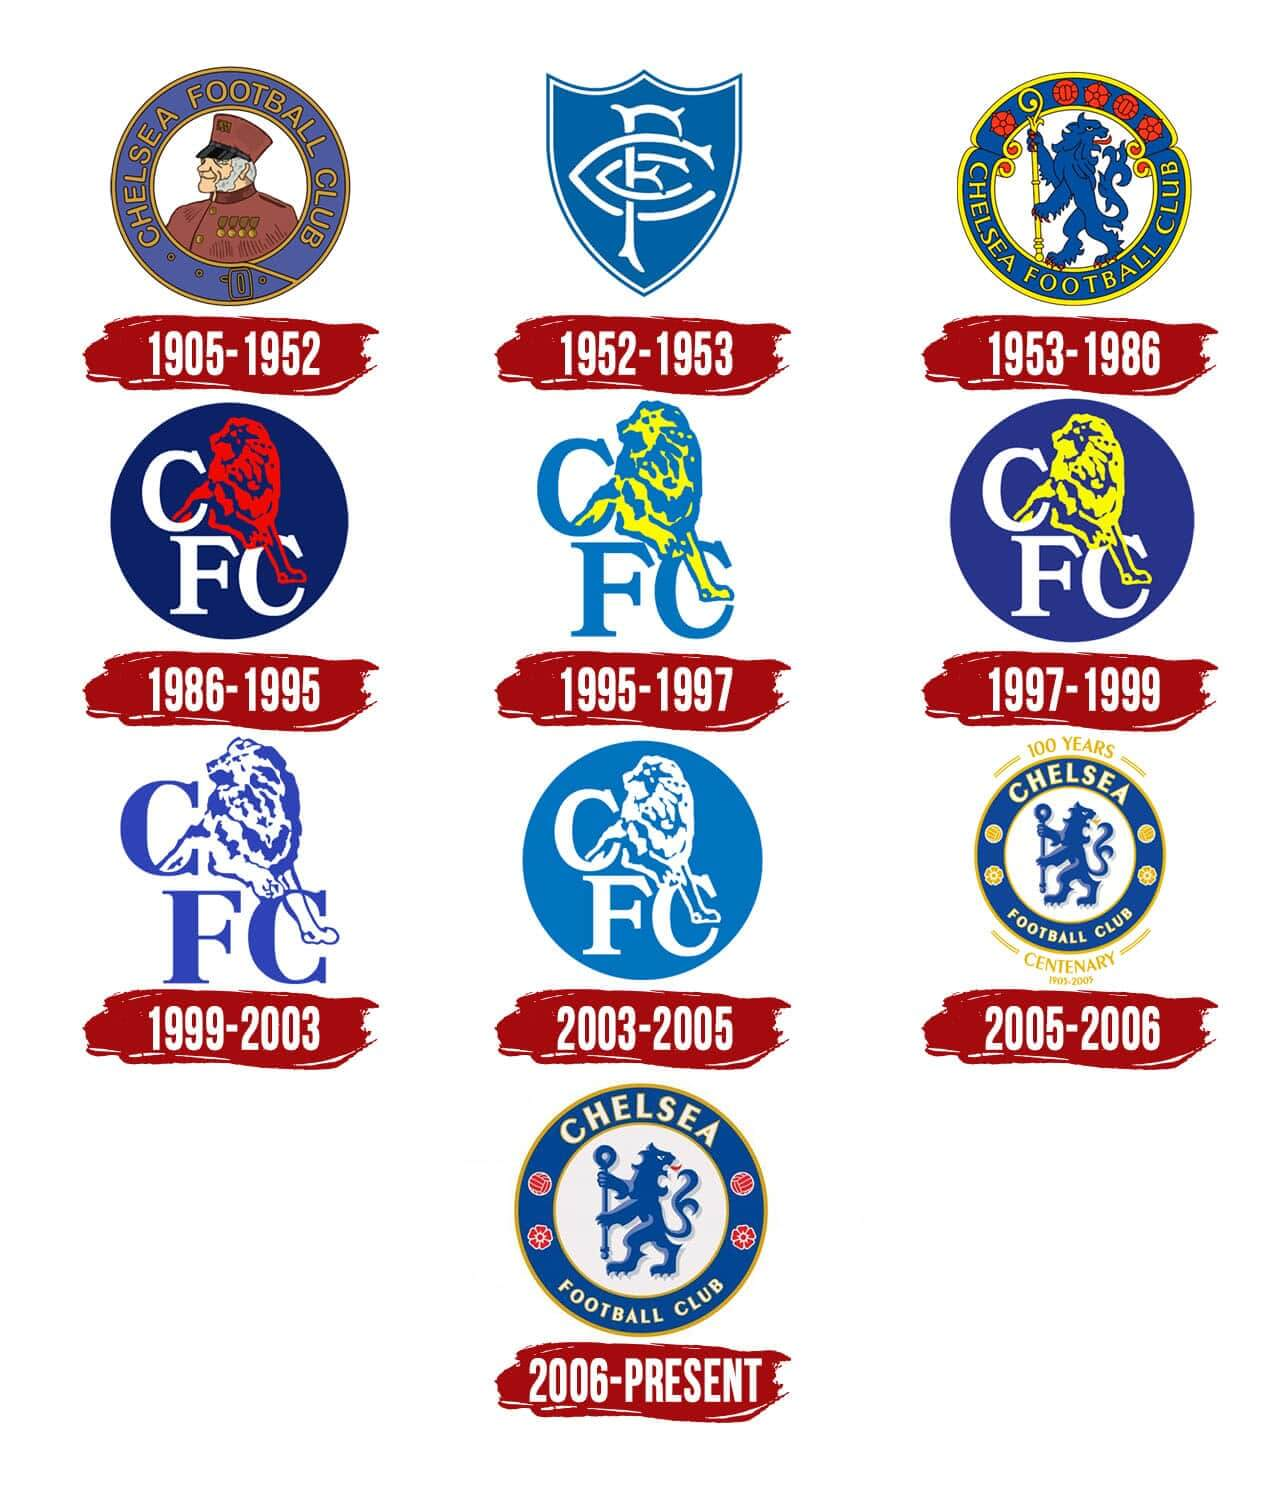 L'evoluzione dello stemma del Chelsea nella sua storia